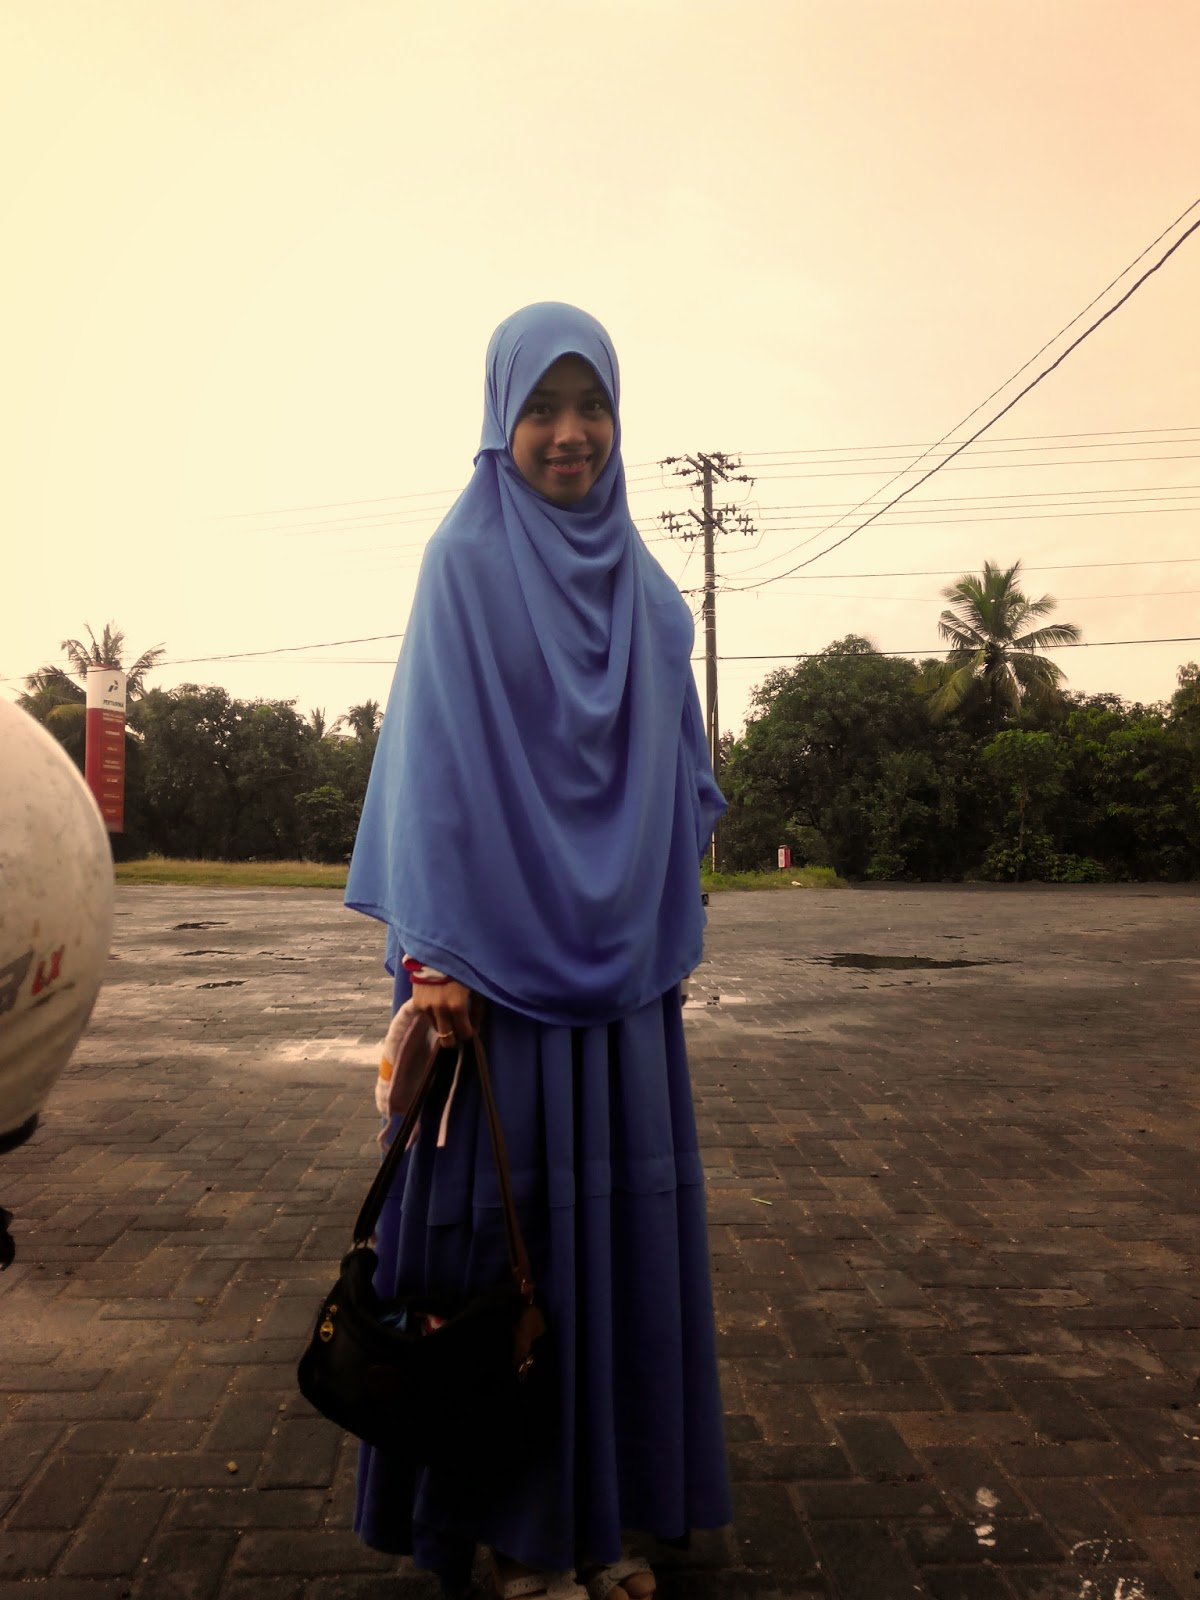 Beauty In Syari Memilih Hijab Agar Tampilan Tetap Syari Dan